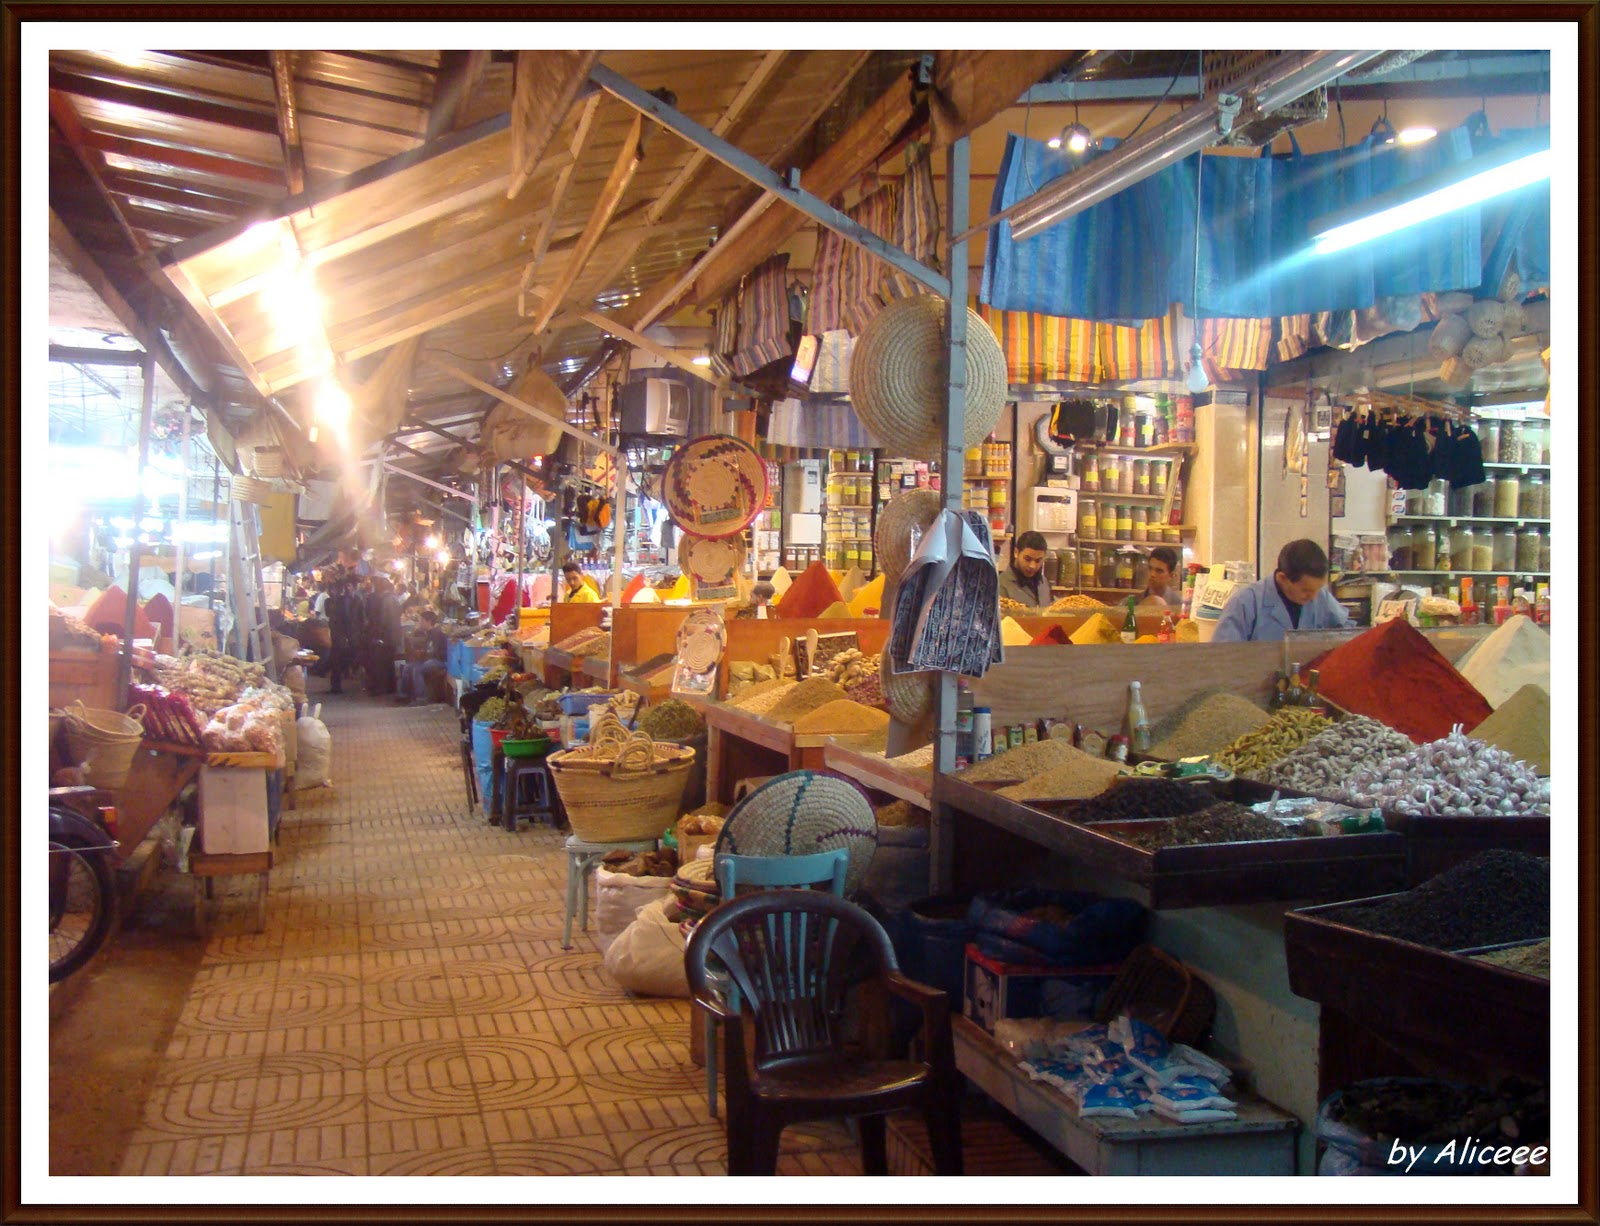 bazar-condimente-Maroc